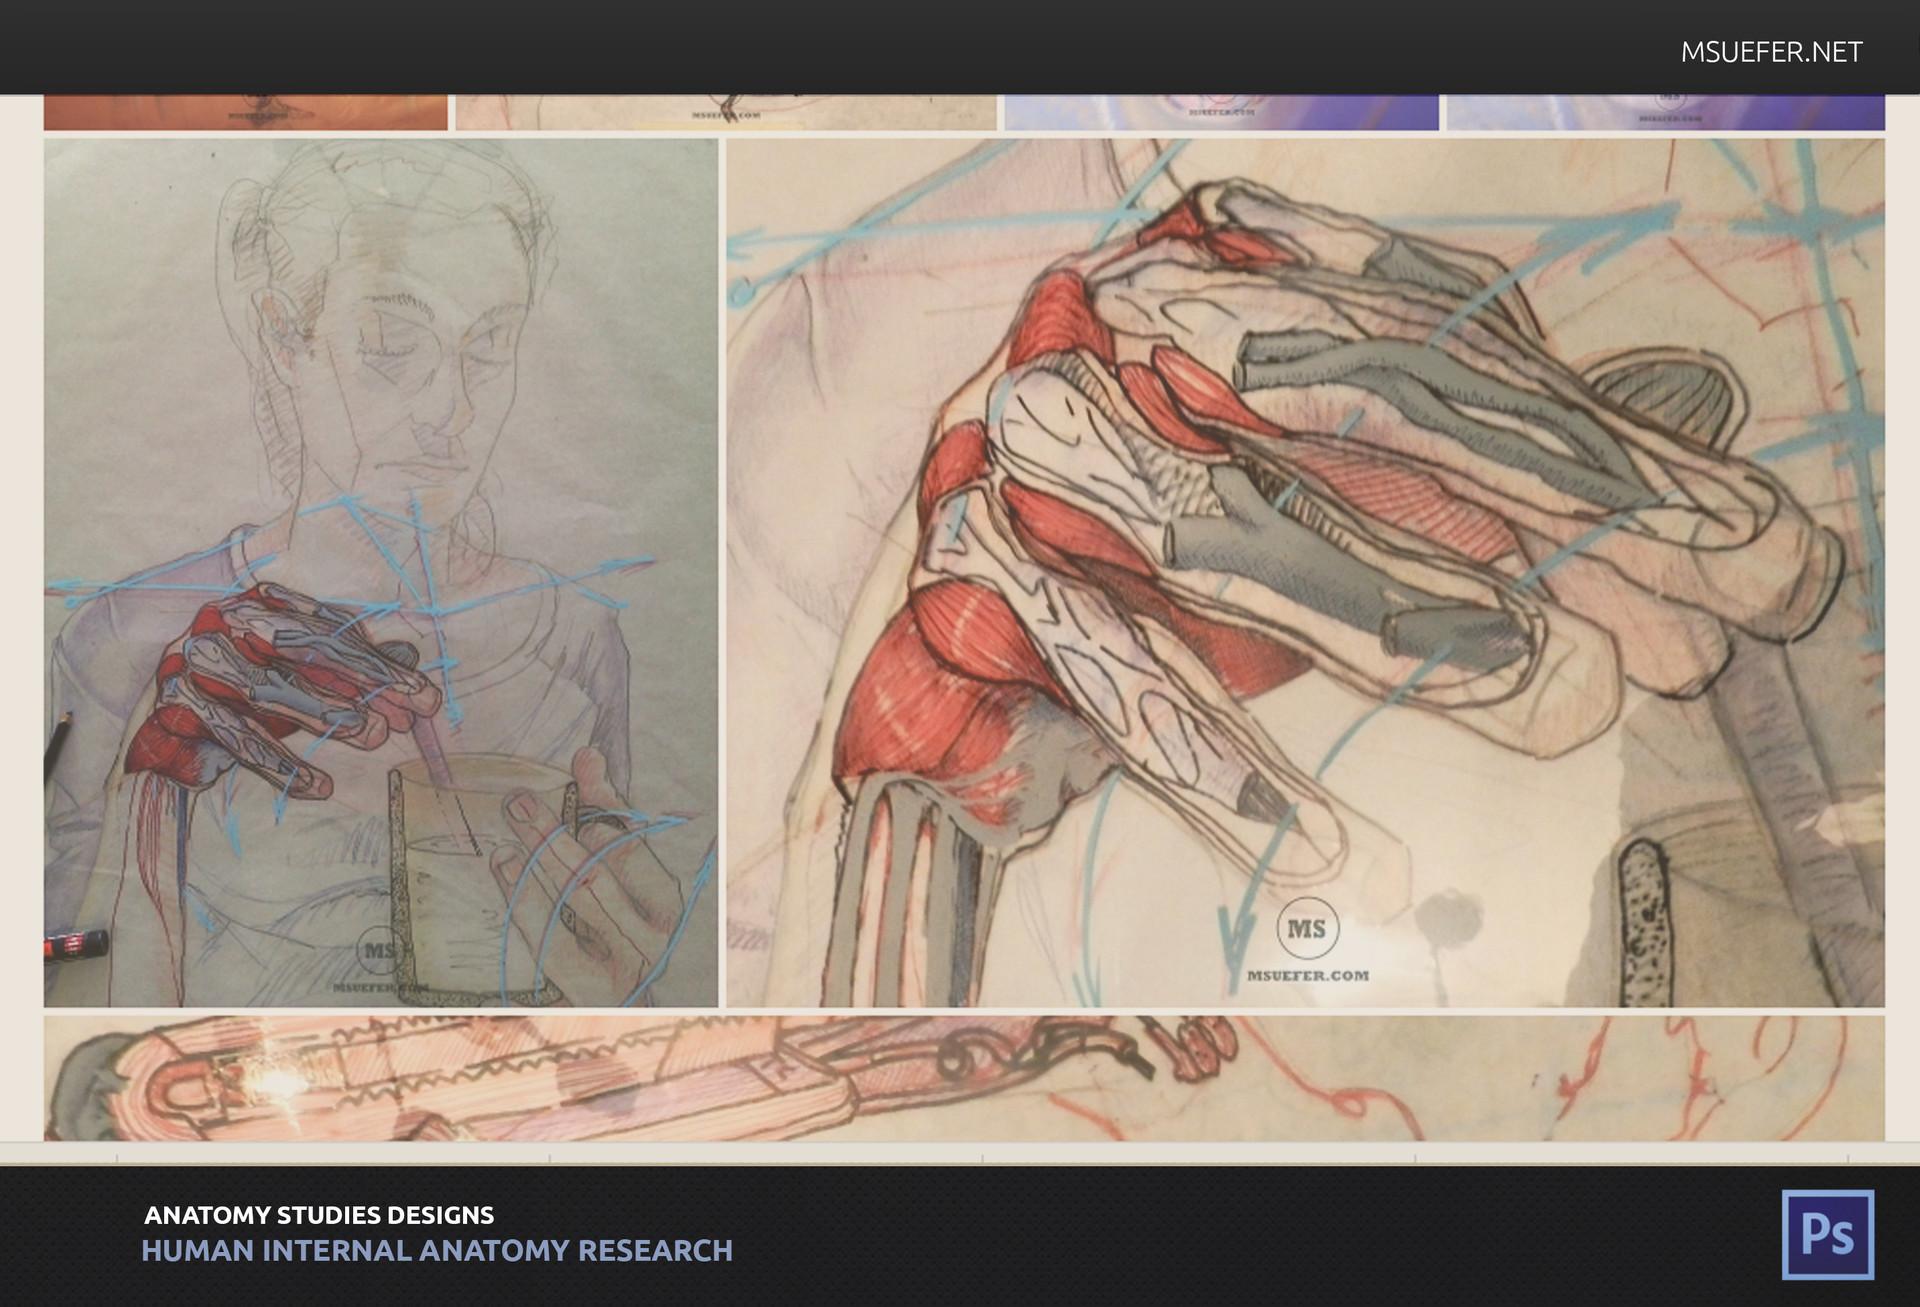 ArtStation - Anatomy Studies based on Selfportraits, Marina Suarez